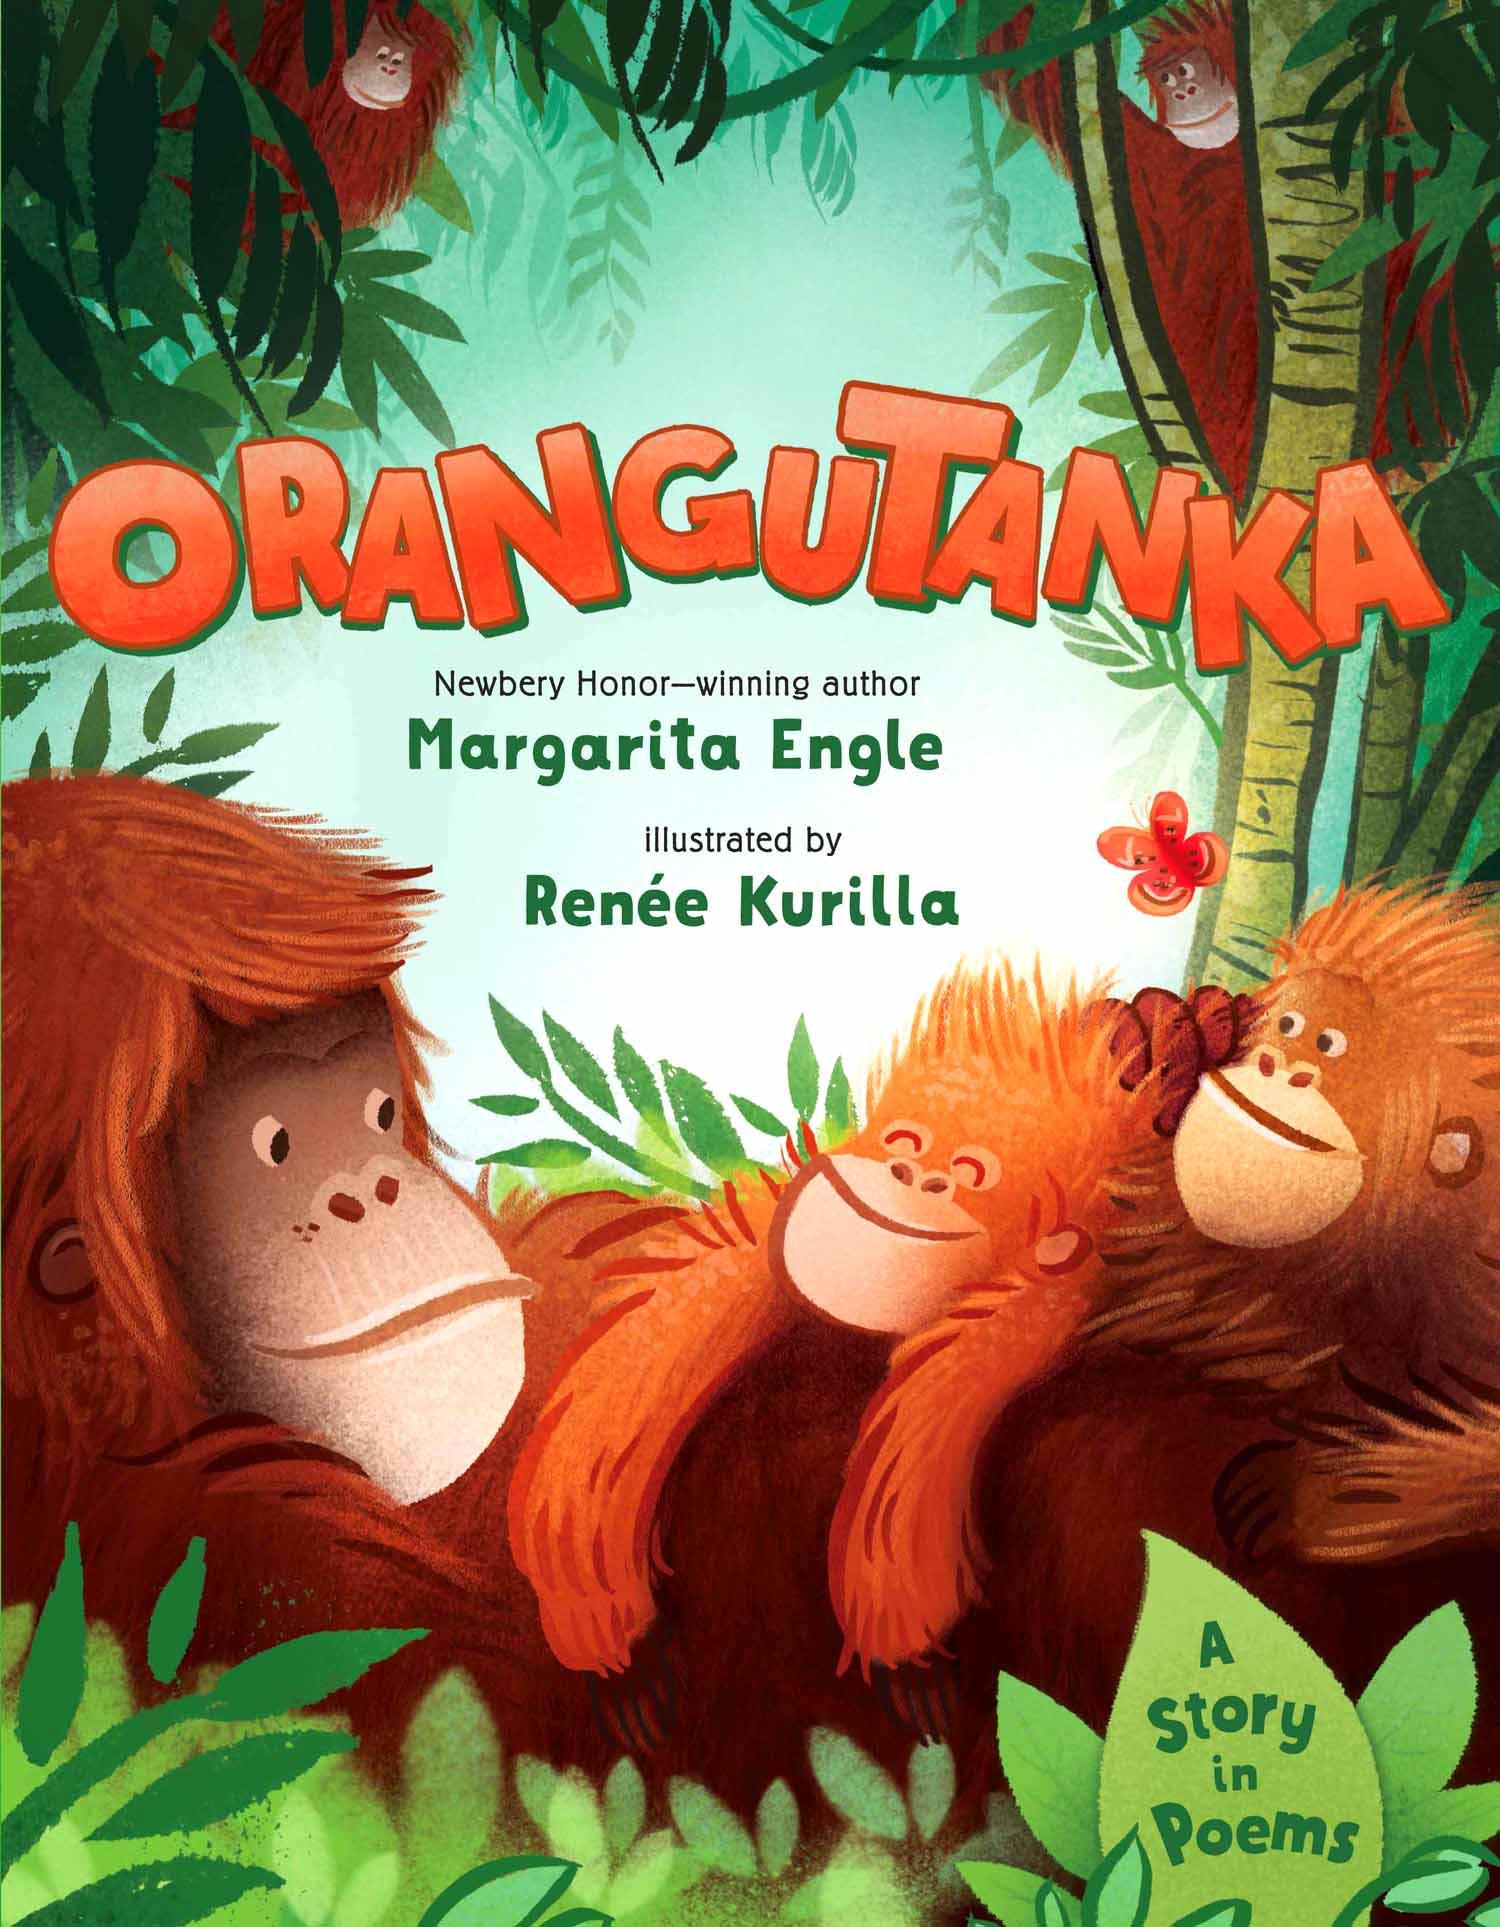 Orangutanka.jpg